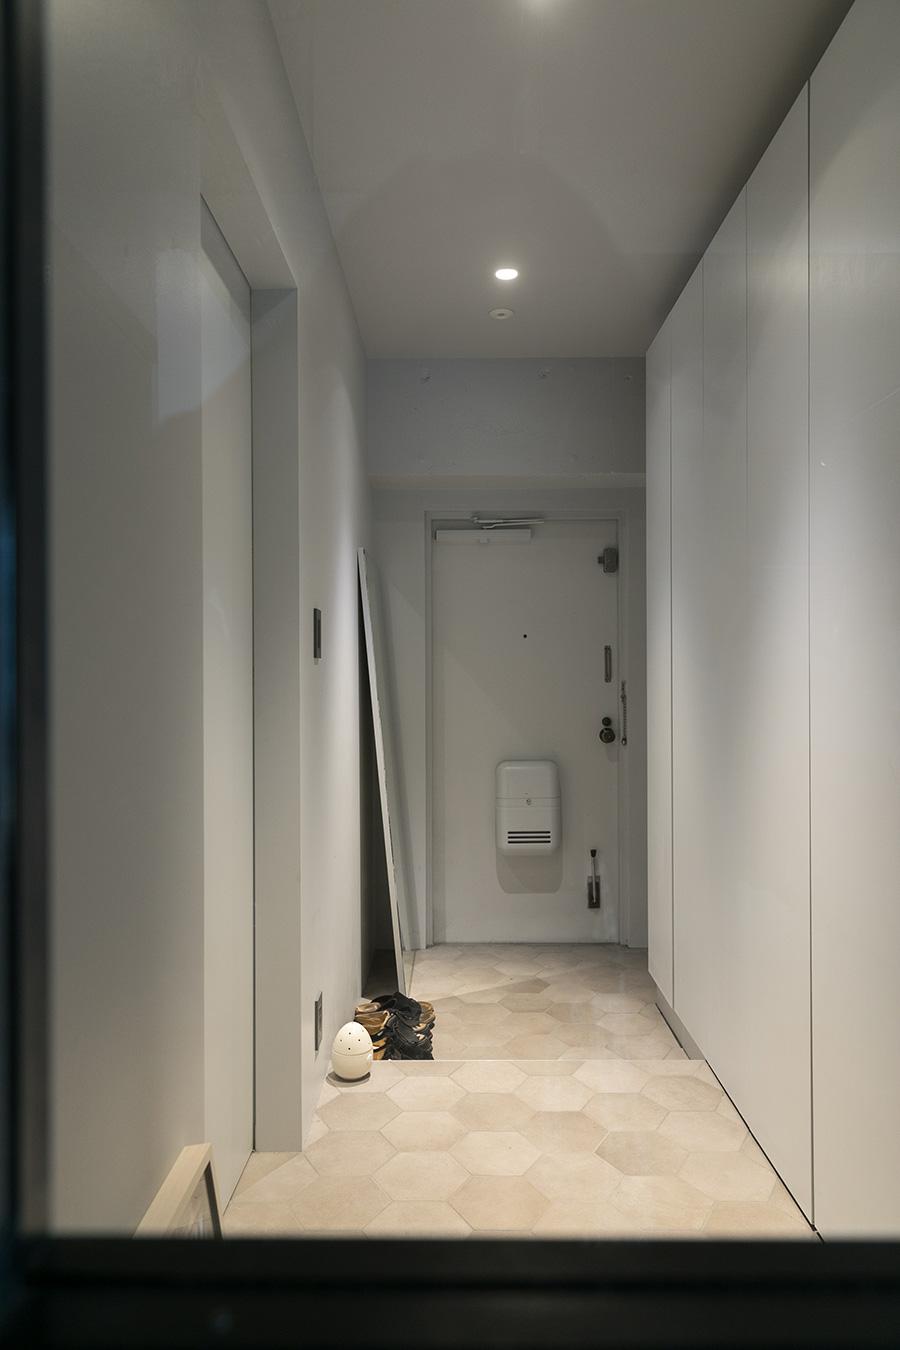 エントランスは六角形のタイルを使っている。リビングと廊下の間のドアには大きなガラスを入れて見通しを確保。